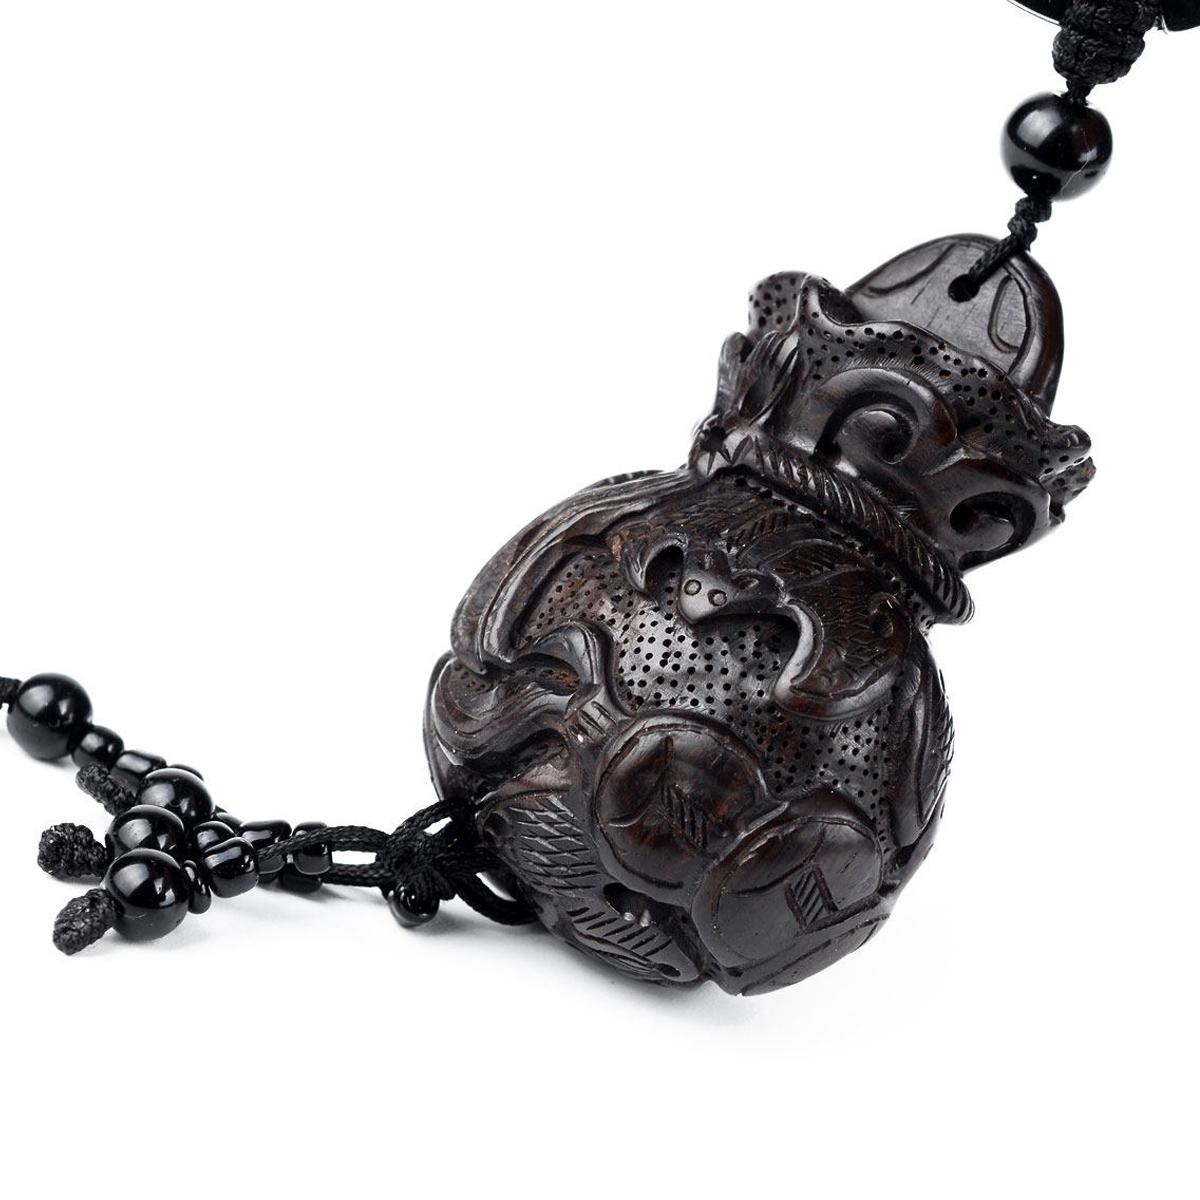 宏图好运 桃木蝙蝠金钱袋钥匙扣挂件 创意汽车钥匙链钥匙圈